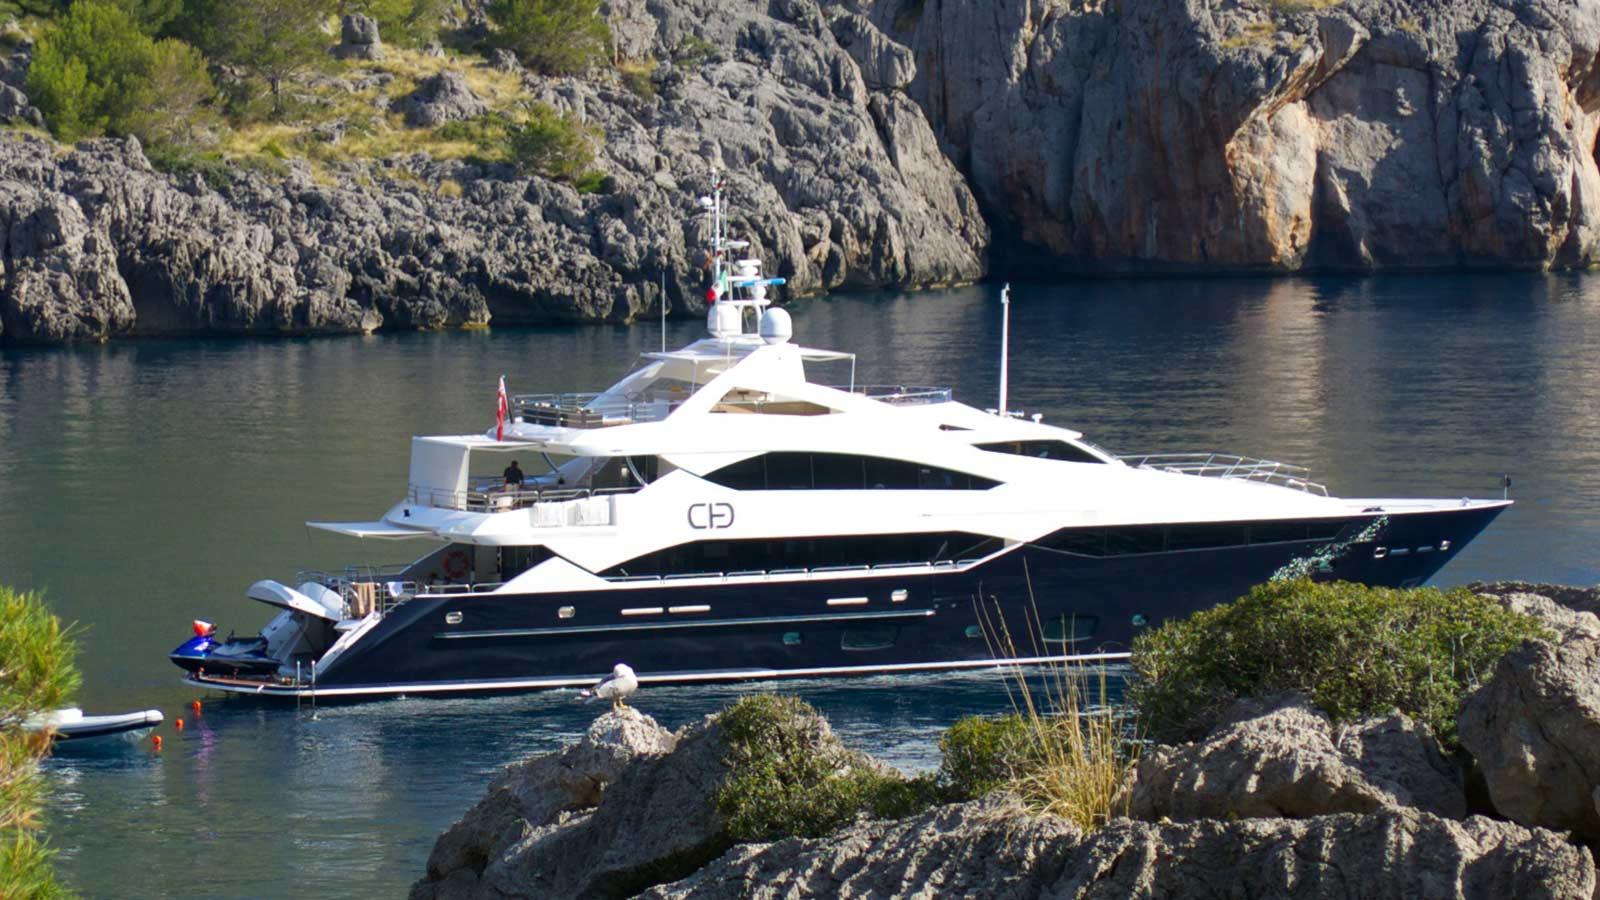 Chiqui Sunseeker Yacht Profile